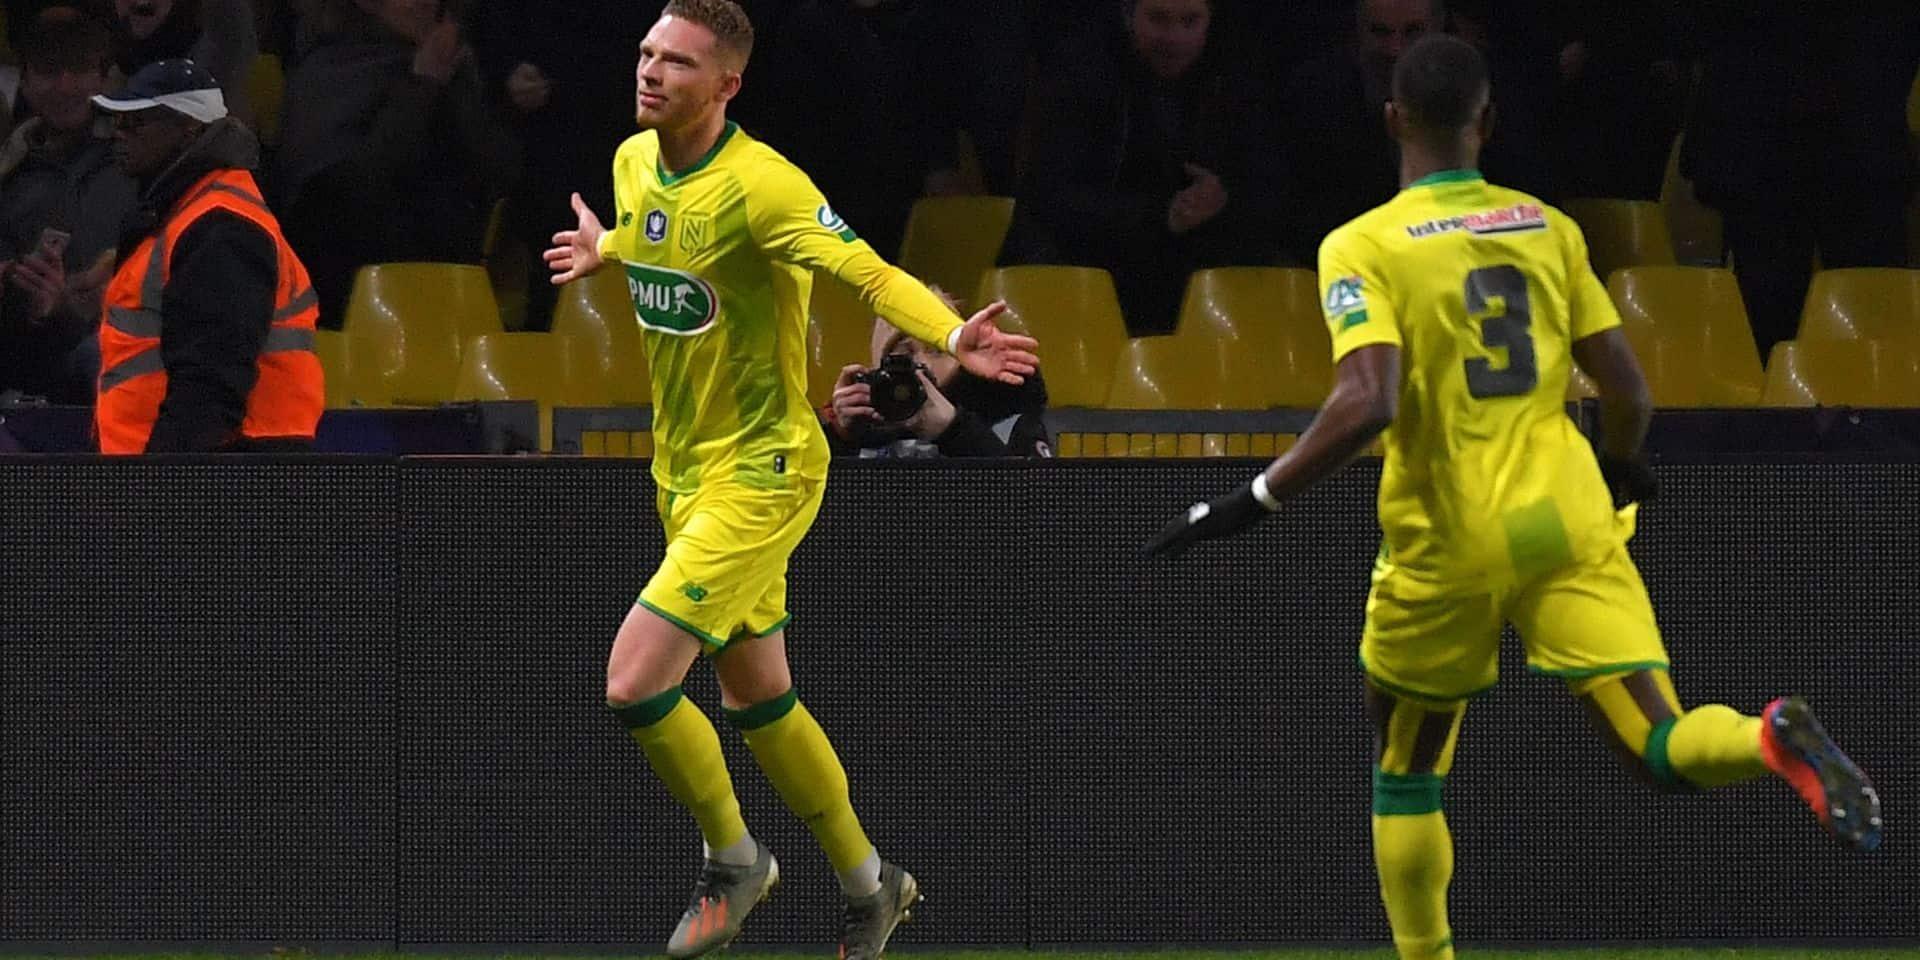 """Renaud Emond veut en découdre en Ligue 1 et se livre sur le nouveau Standard: """"Frustré de ne pas avoir pu montrer ce que je vaux"""""""